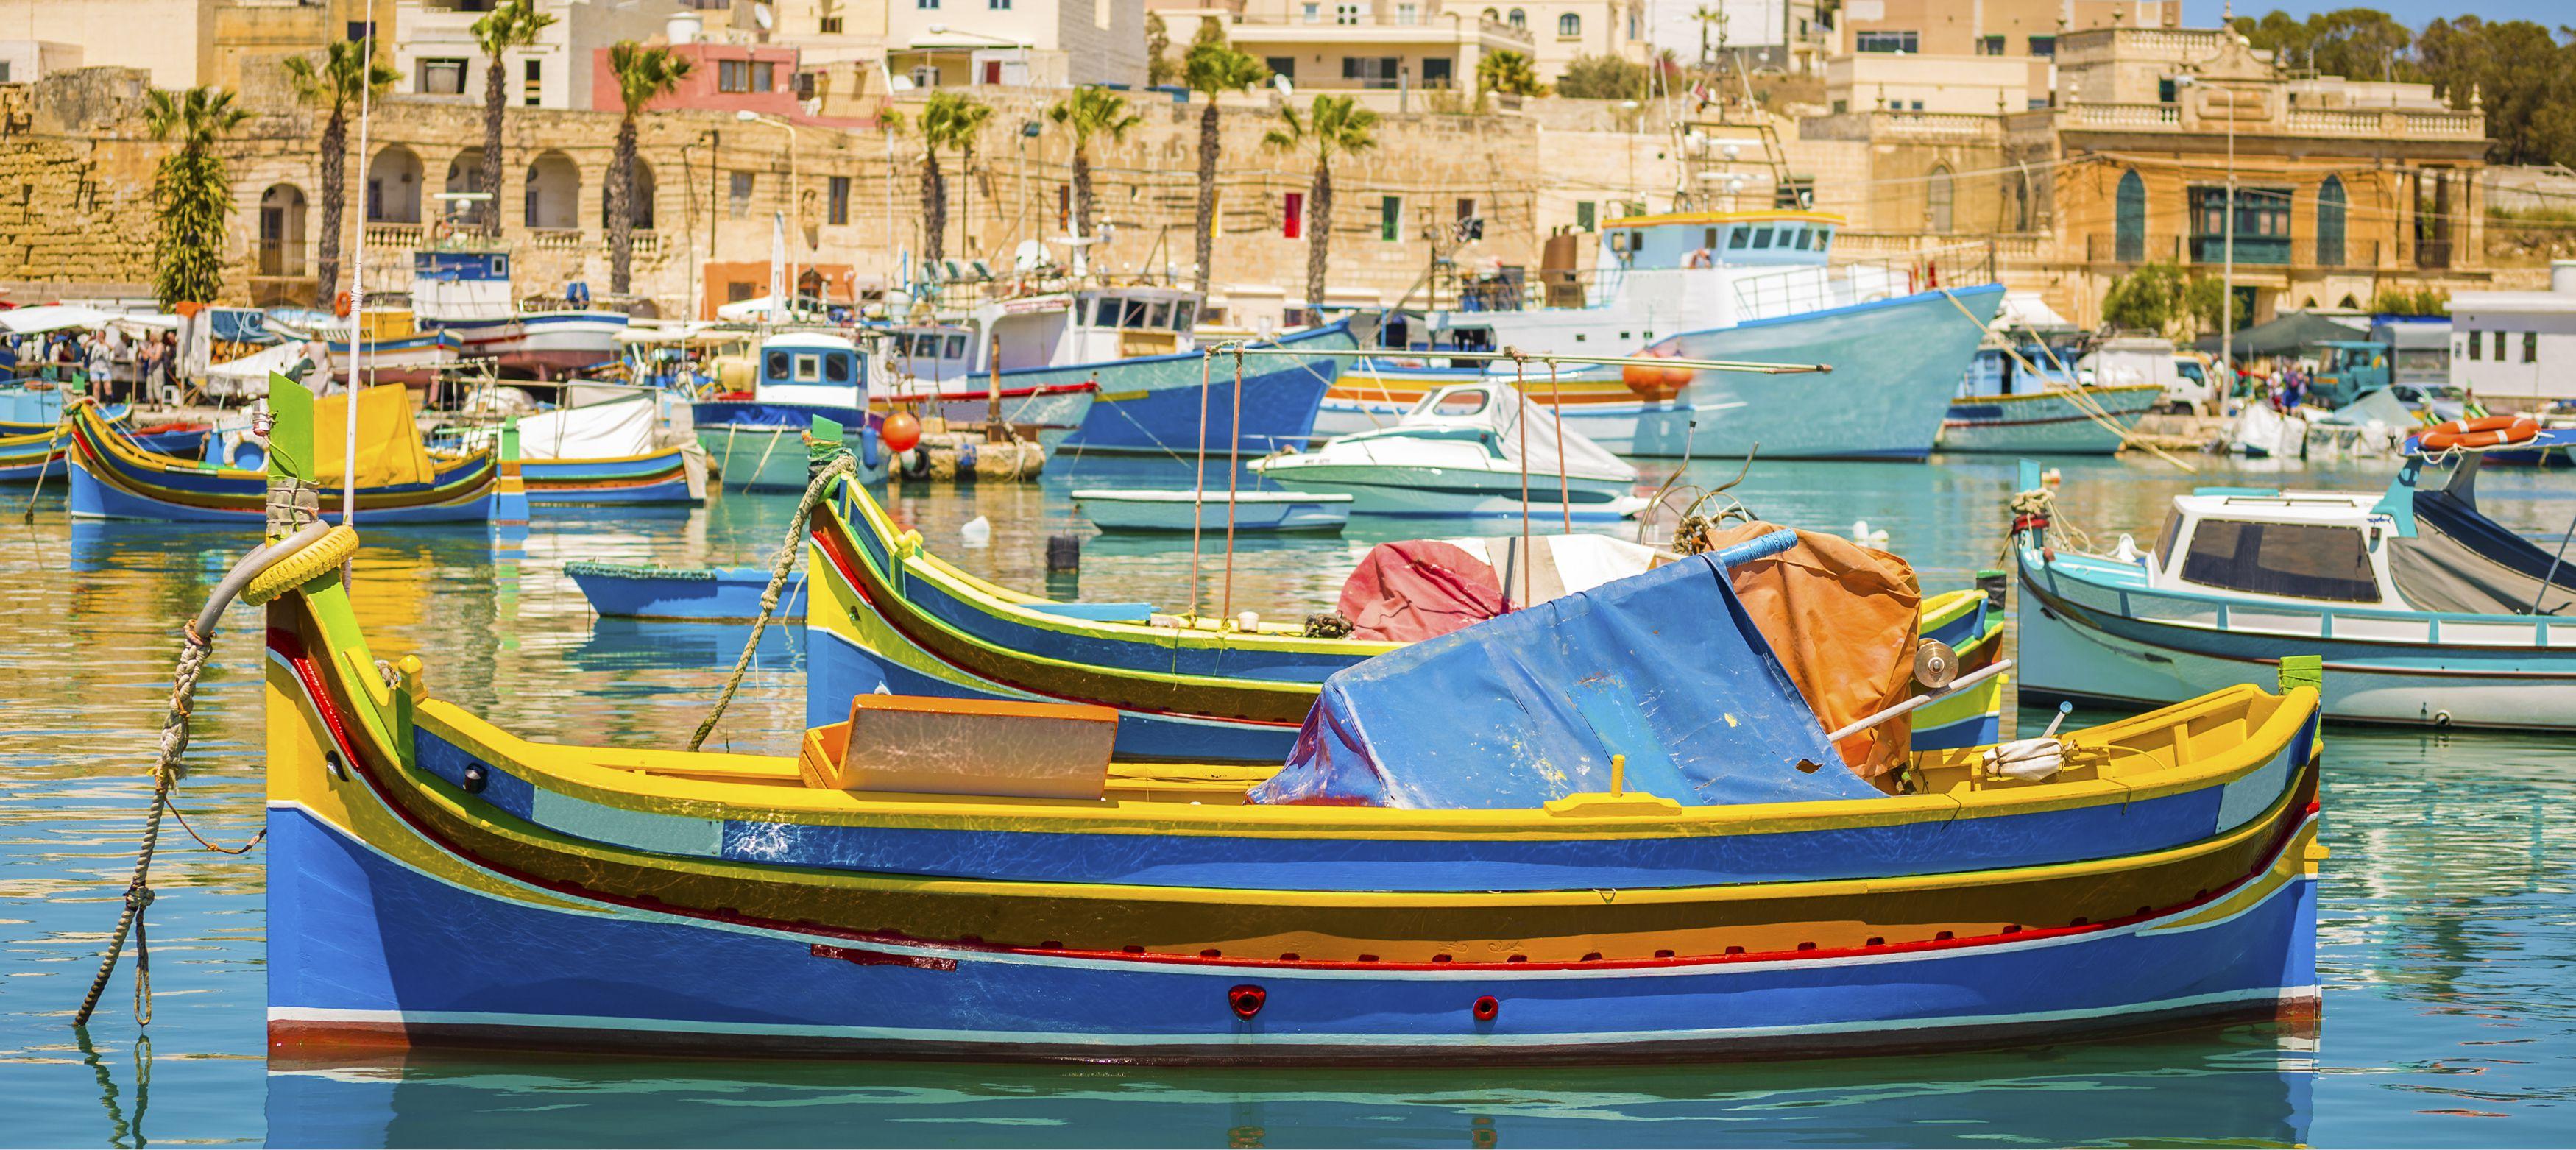 färgglada fiskebåtar intill hamnen vid palmer, malta